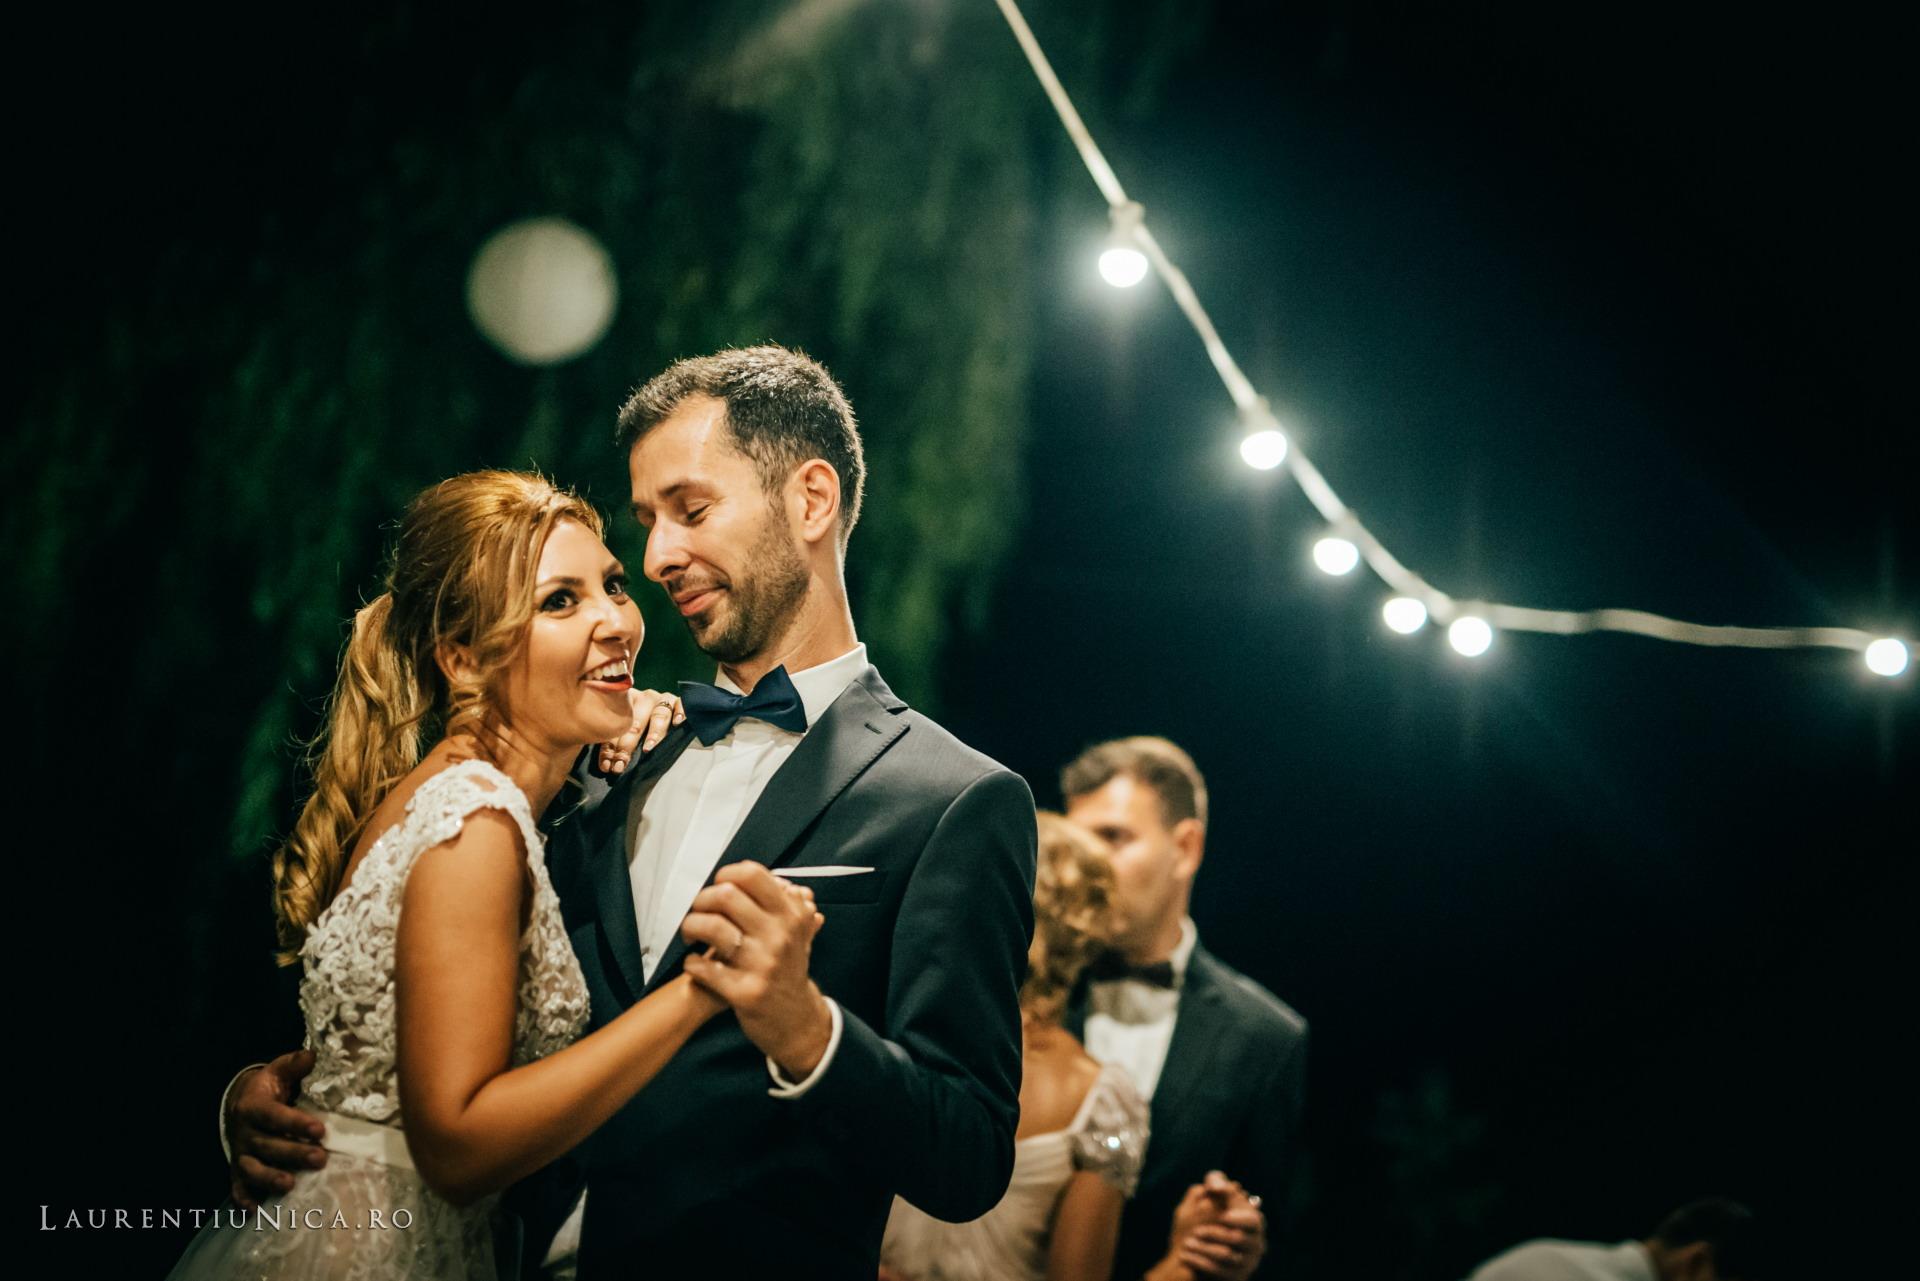 carolina si sorin craiova fotograf nunta laurentiu nica73 - Carolina & Sorin | Fotografii nunta